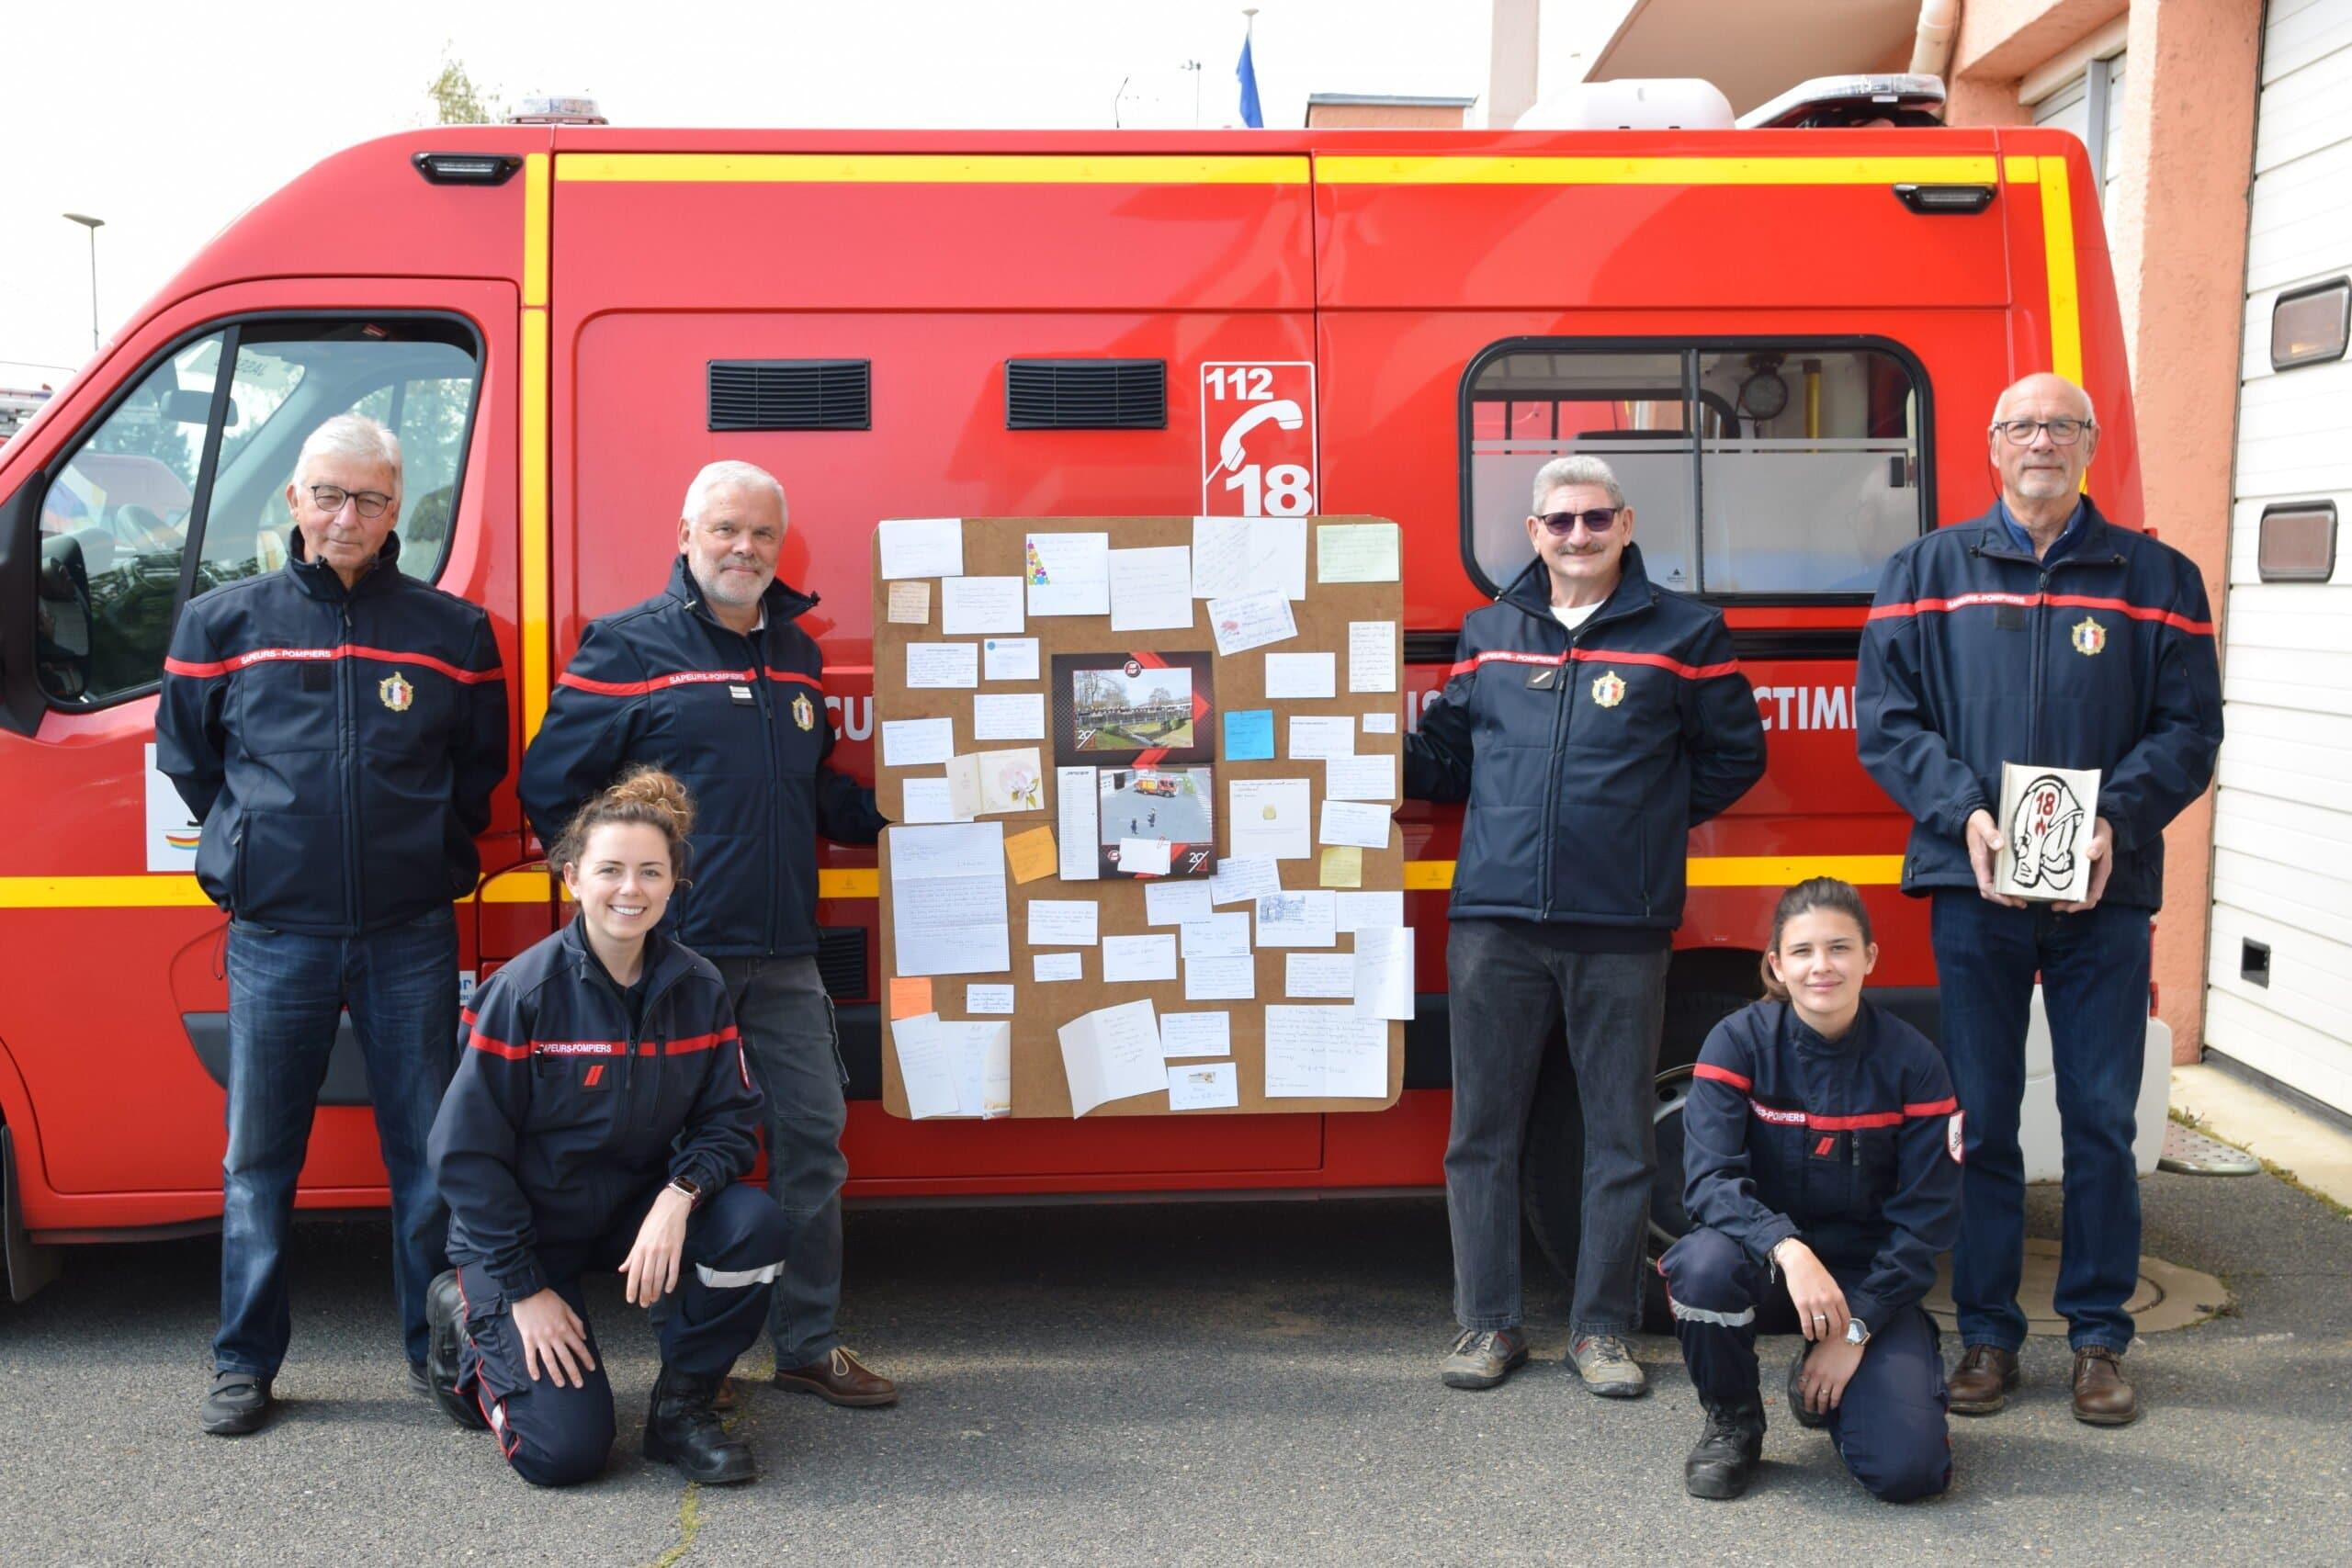 pompiers remerciements calendriers